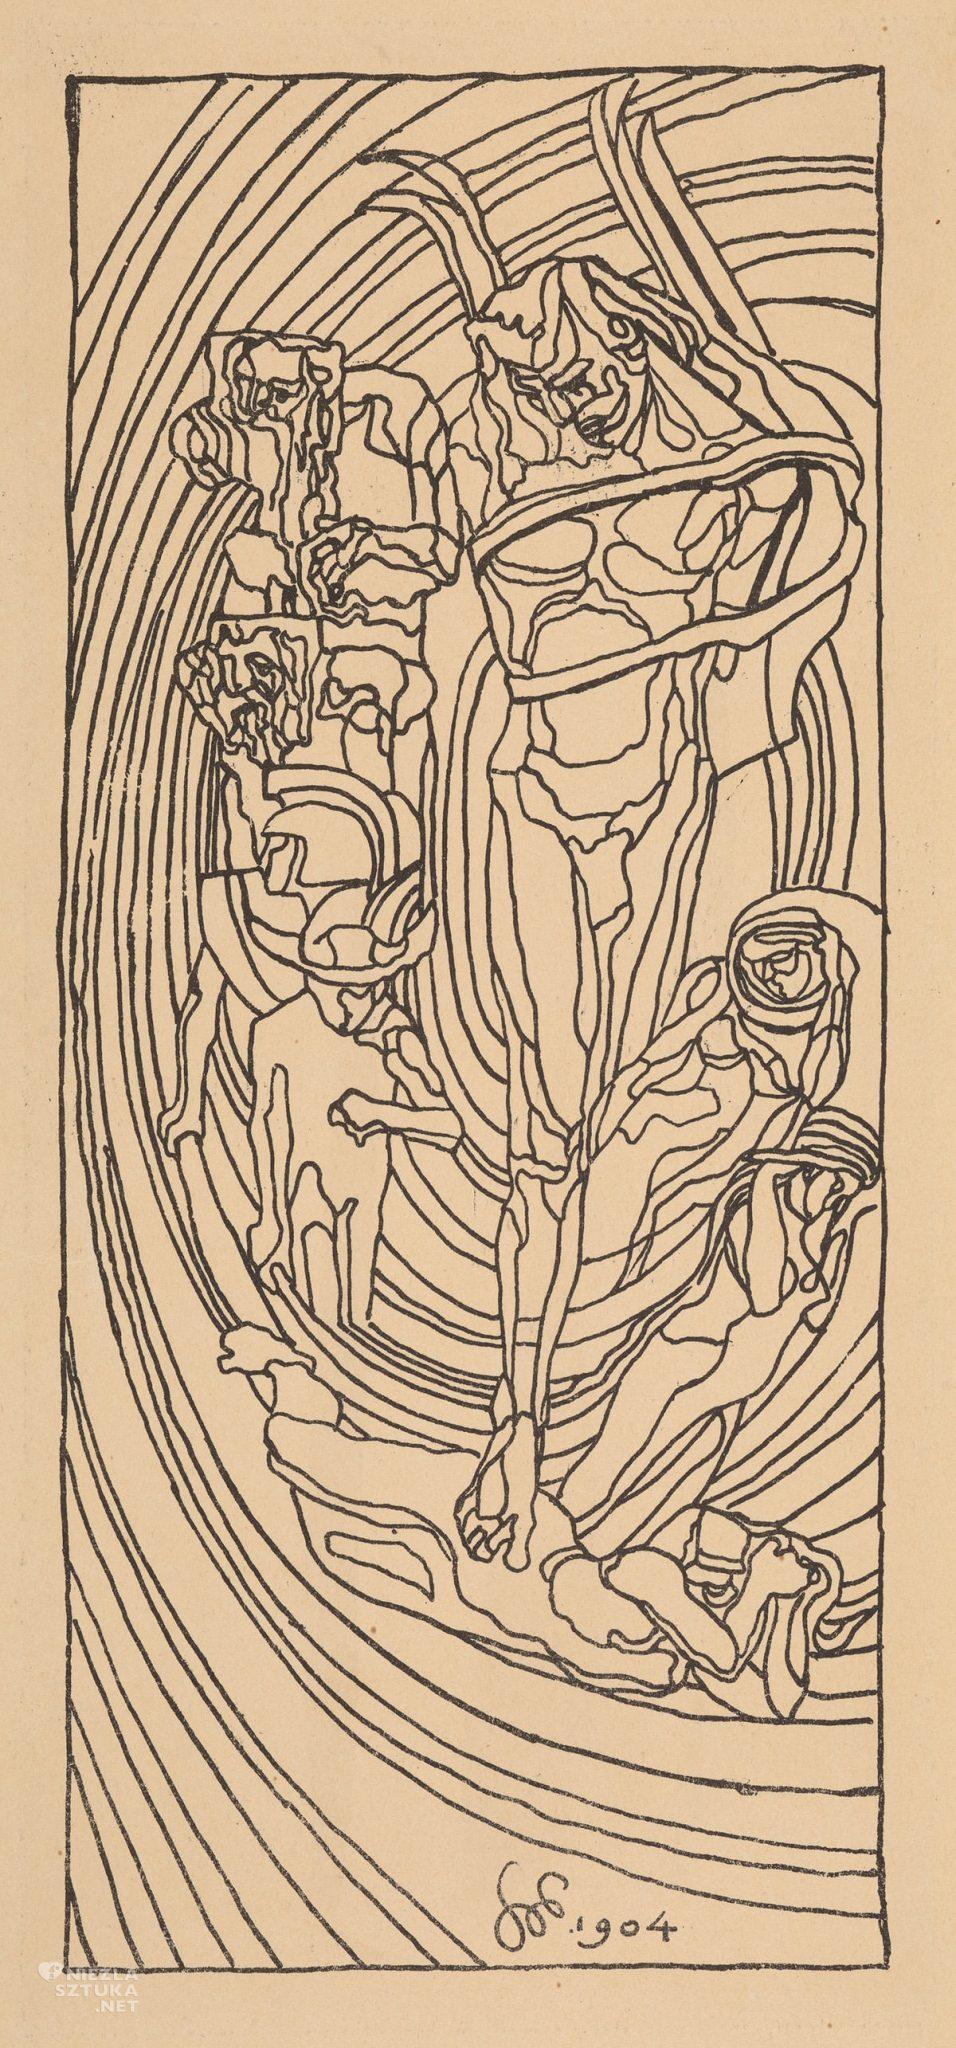 Stanisław Wyspiański, Apollo, litografia, sztuka polska, grafika polska XX/XXI w., malarstwo polskie, niezła sztuka